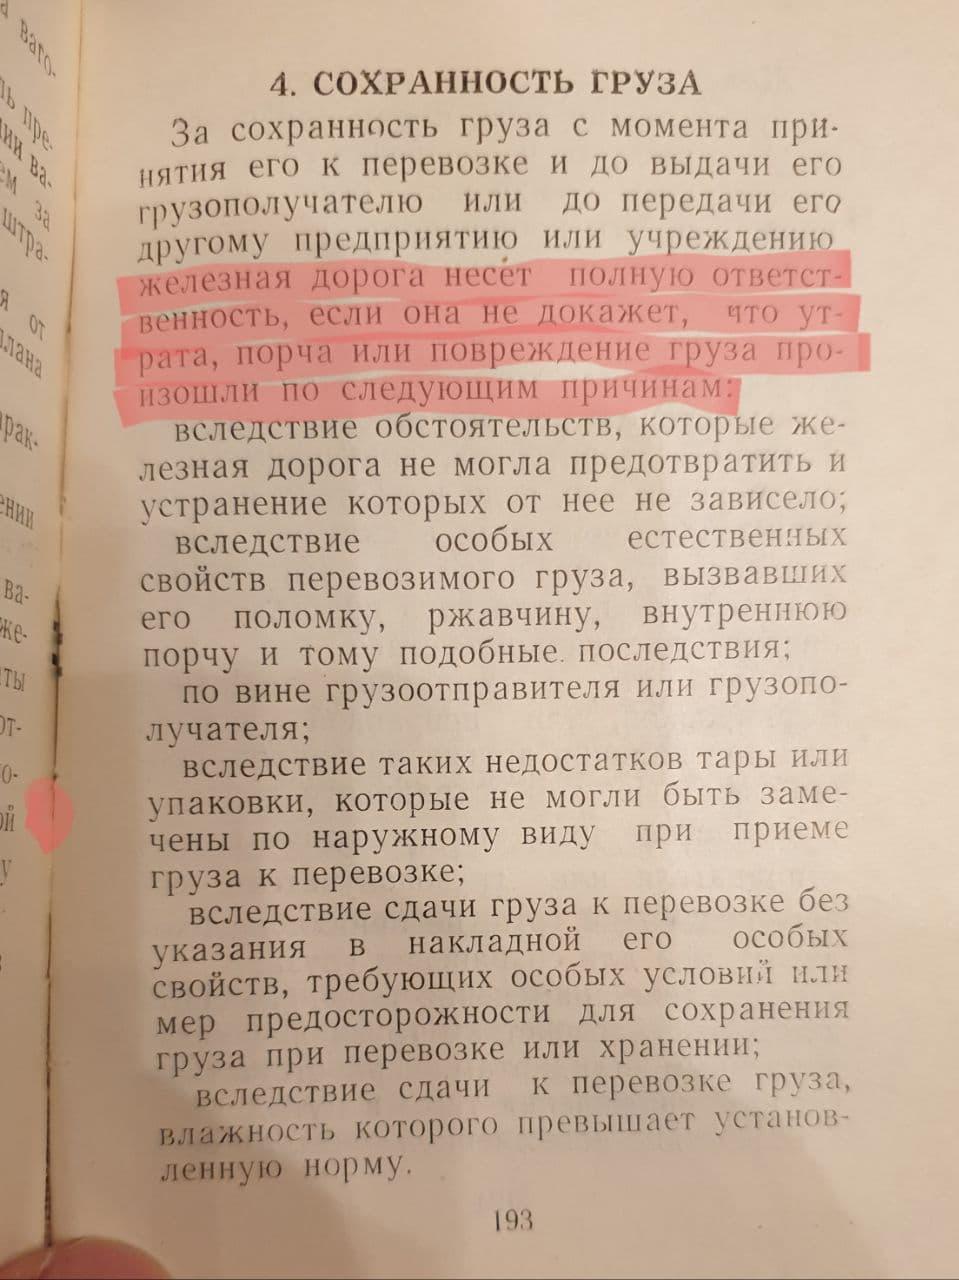 Справочник работников материально-технического снабжения. 1961 г. И. В. Горелов